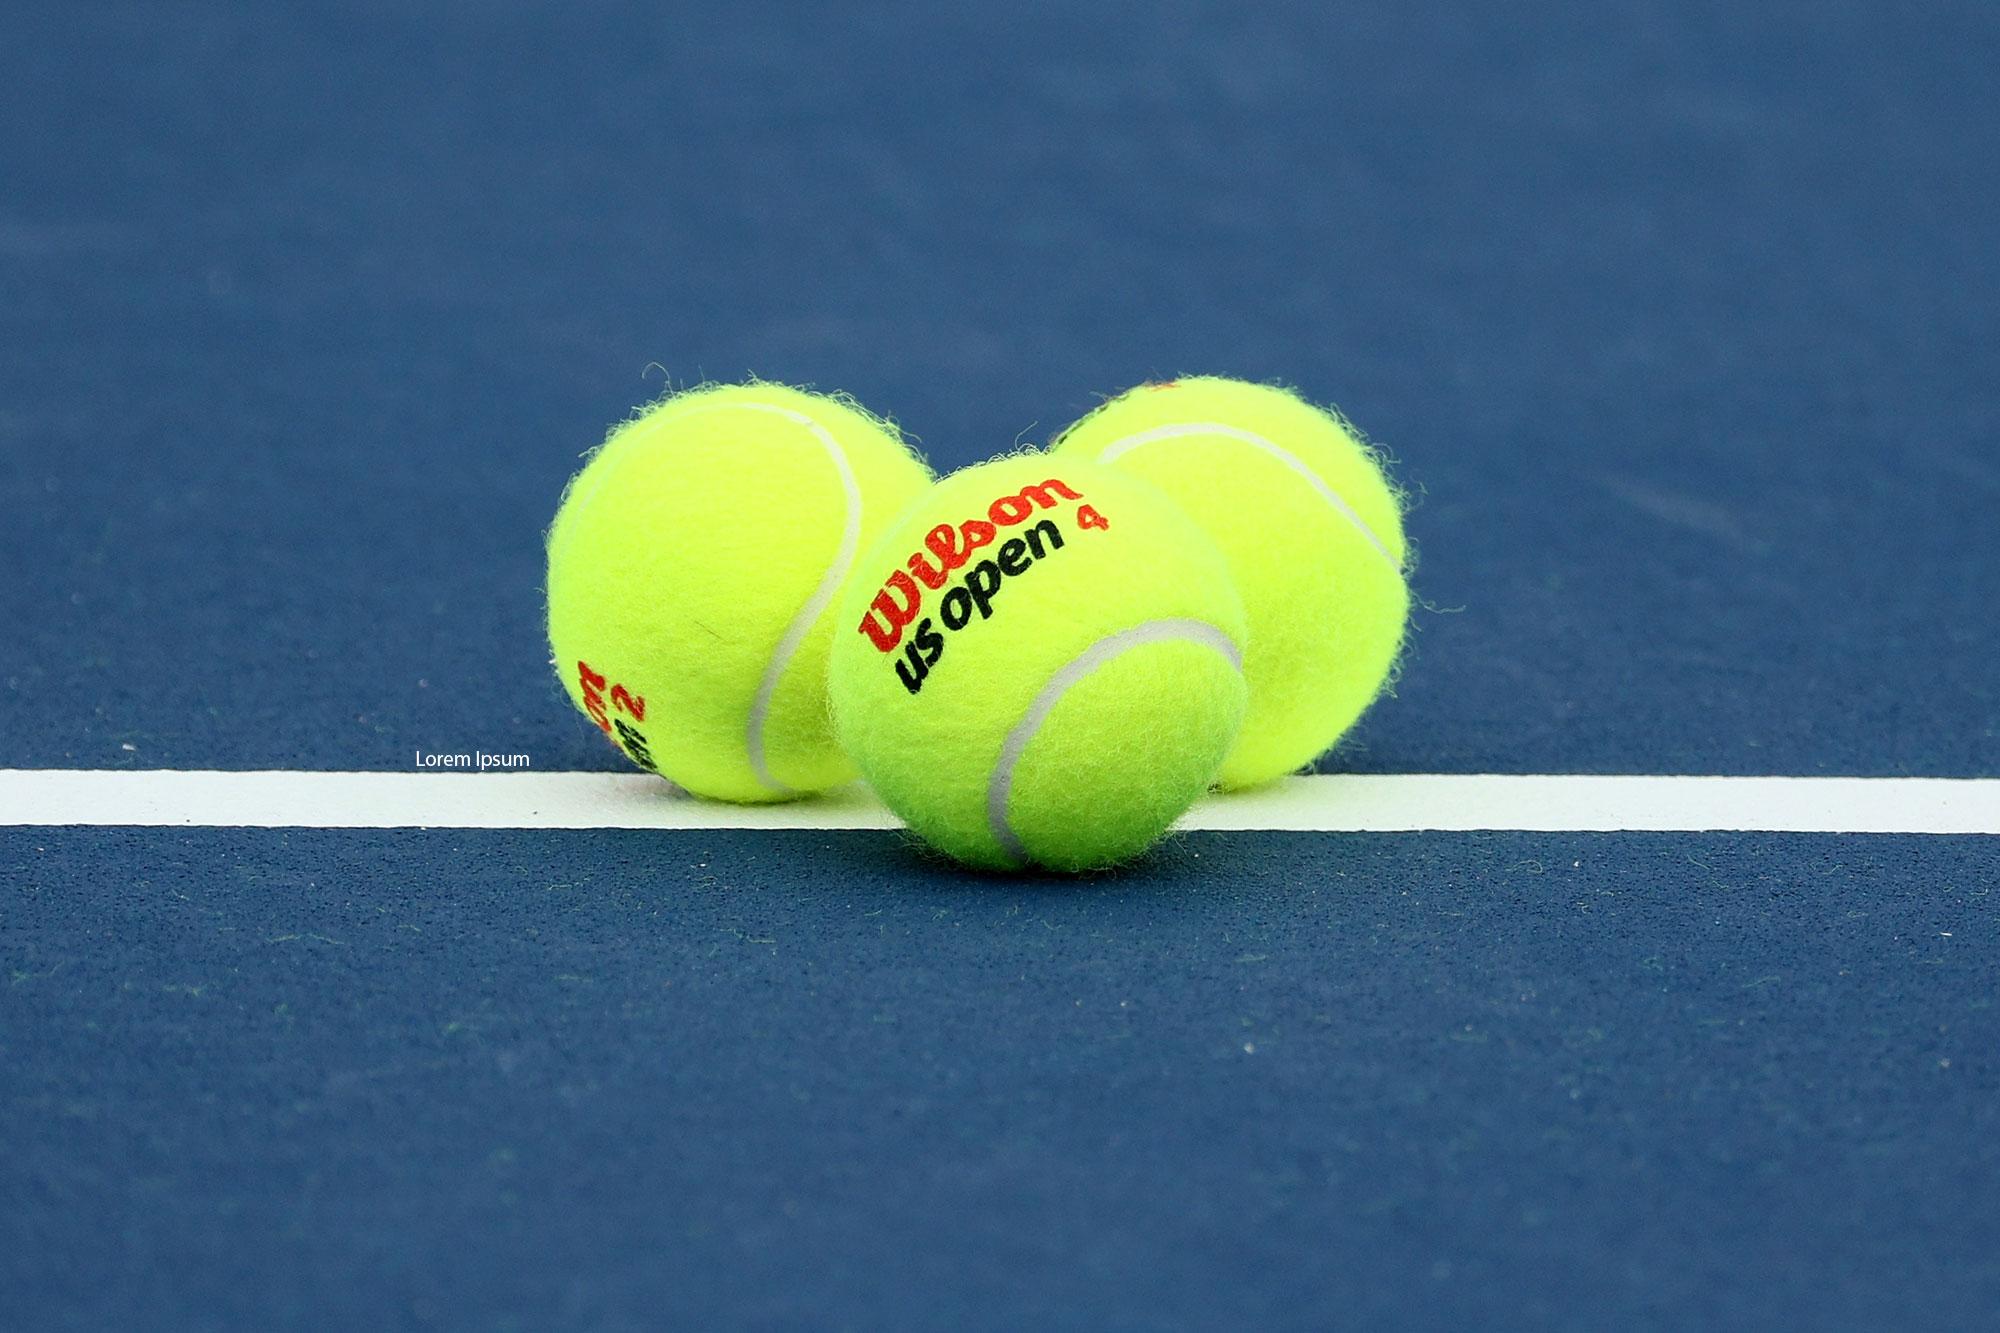 Tennis 2020 open us